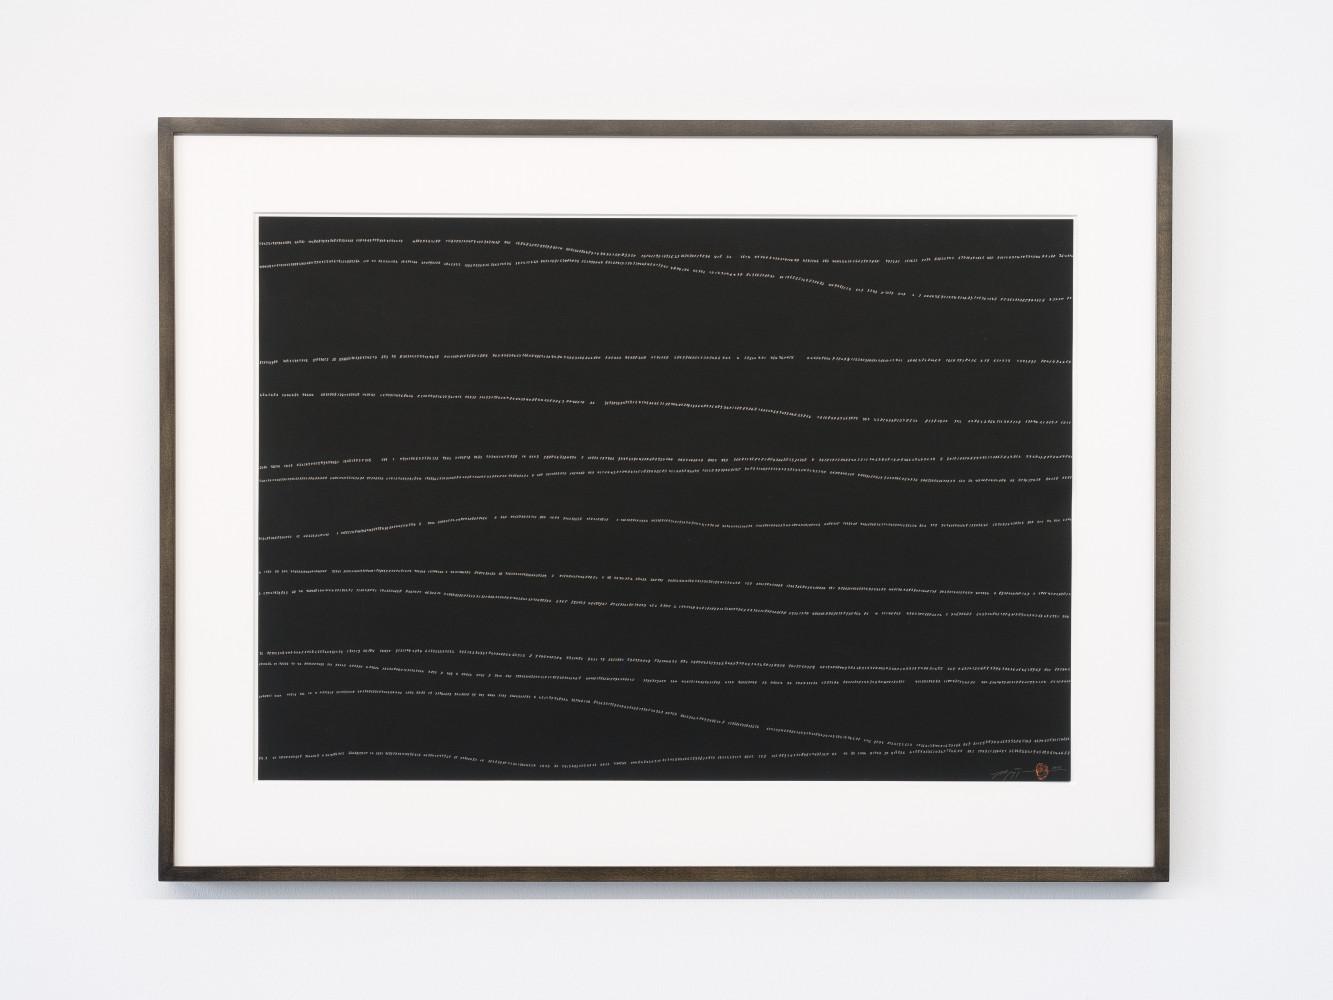 Tatsuo Miyajima, 'Hand-drawn Innumerable Counts 20180306', 2018